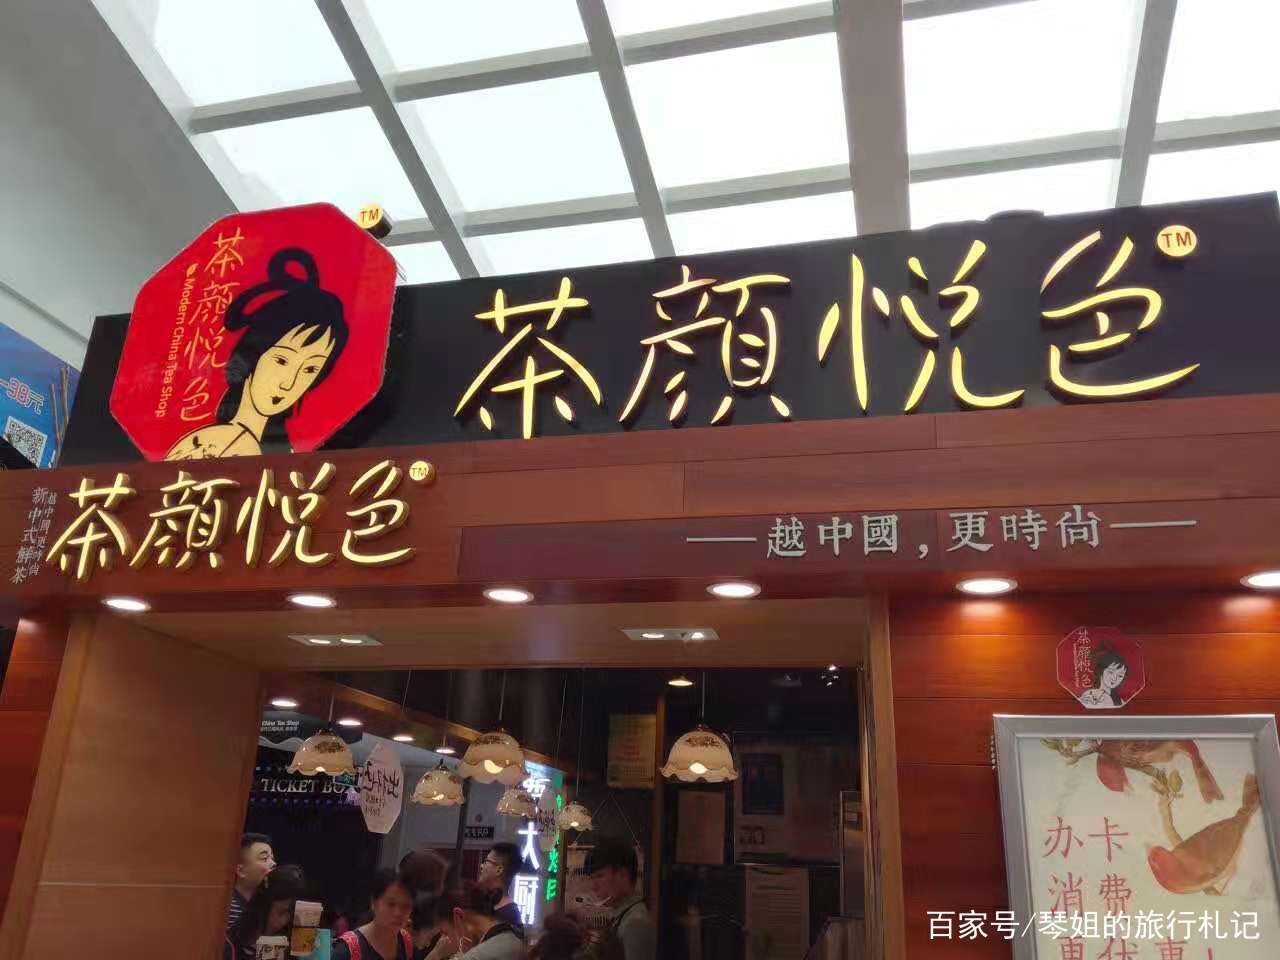 凭一己之力吸引无数吃货游客前往长沙,茶颜悦色实红!